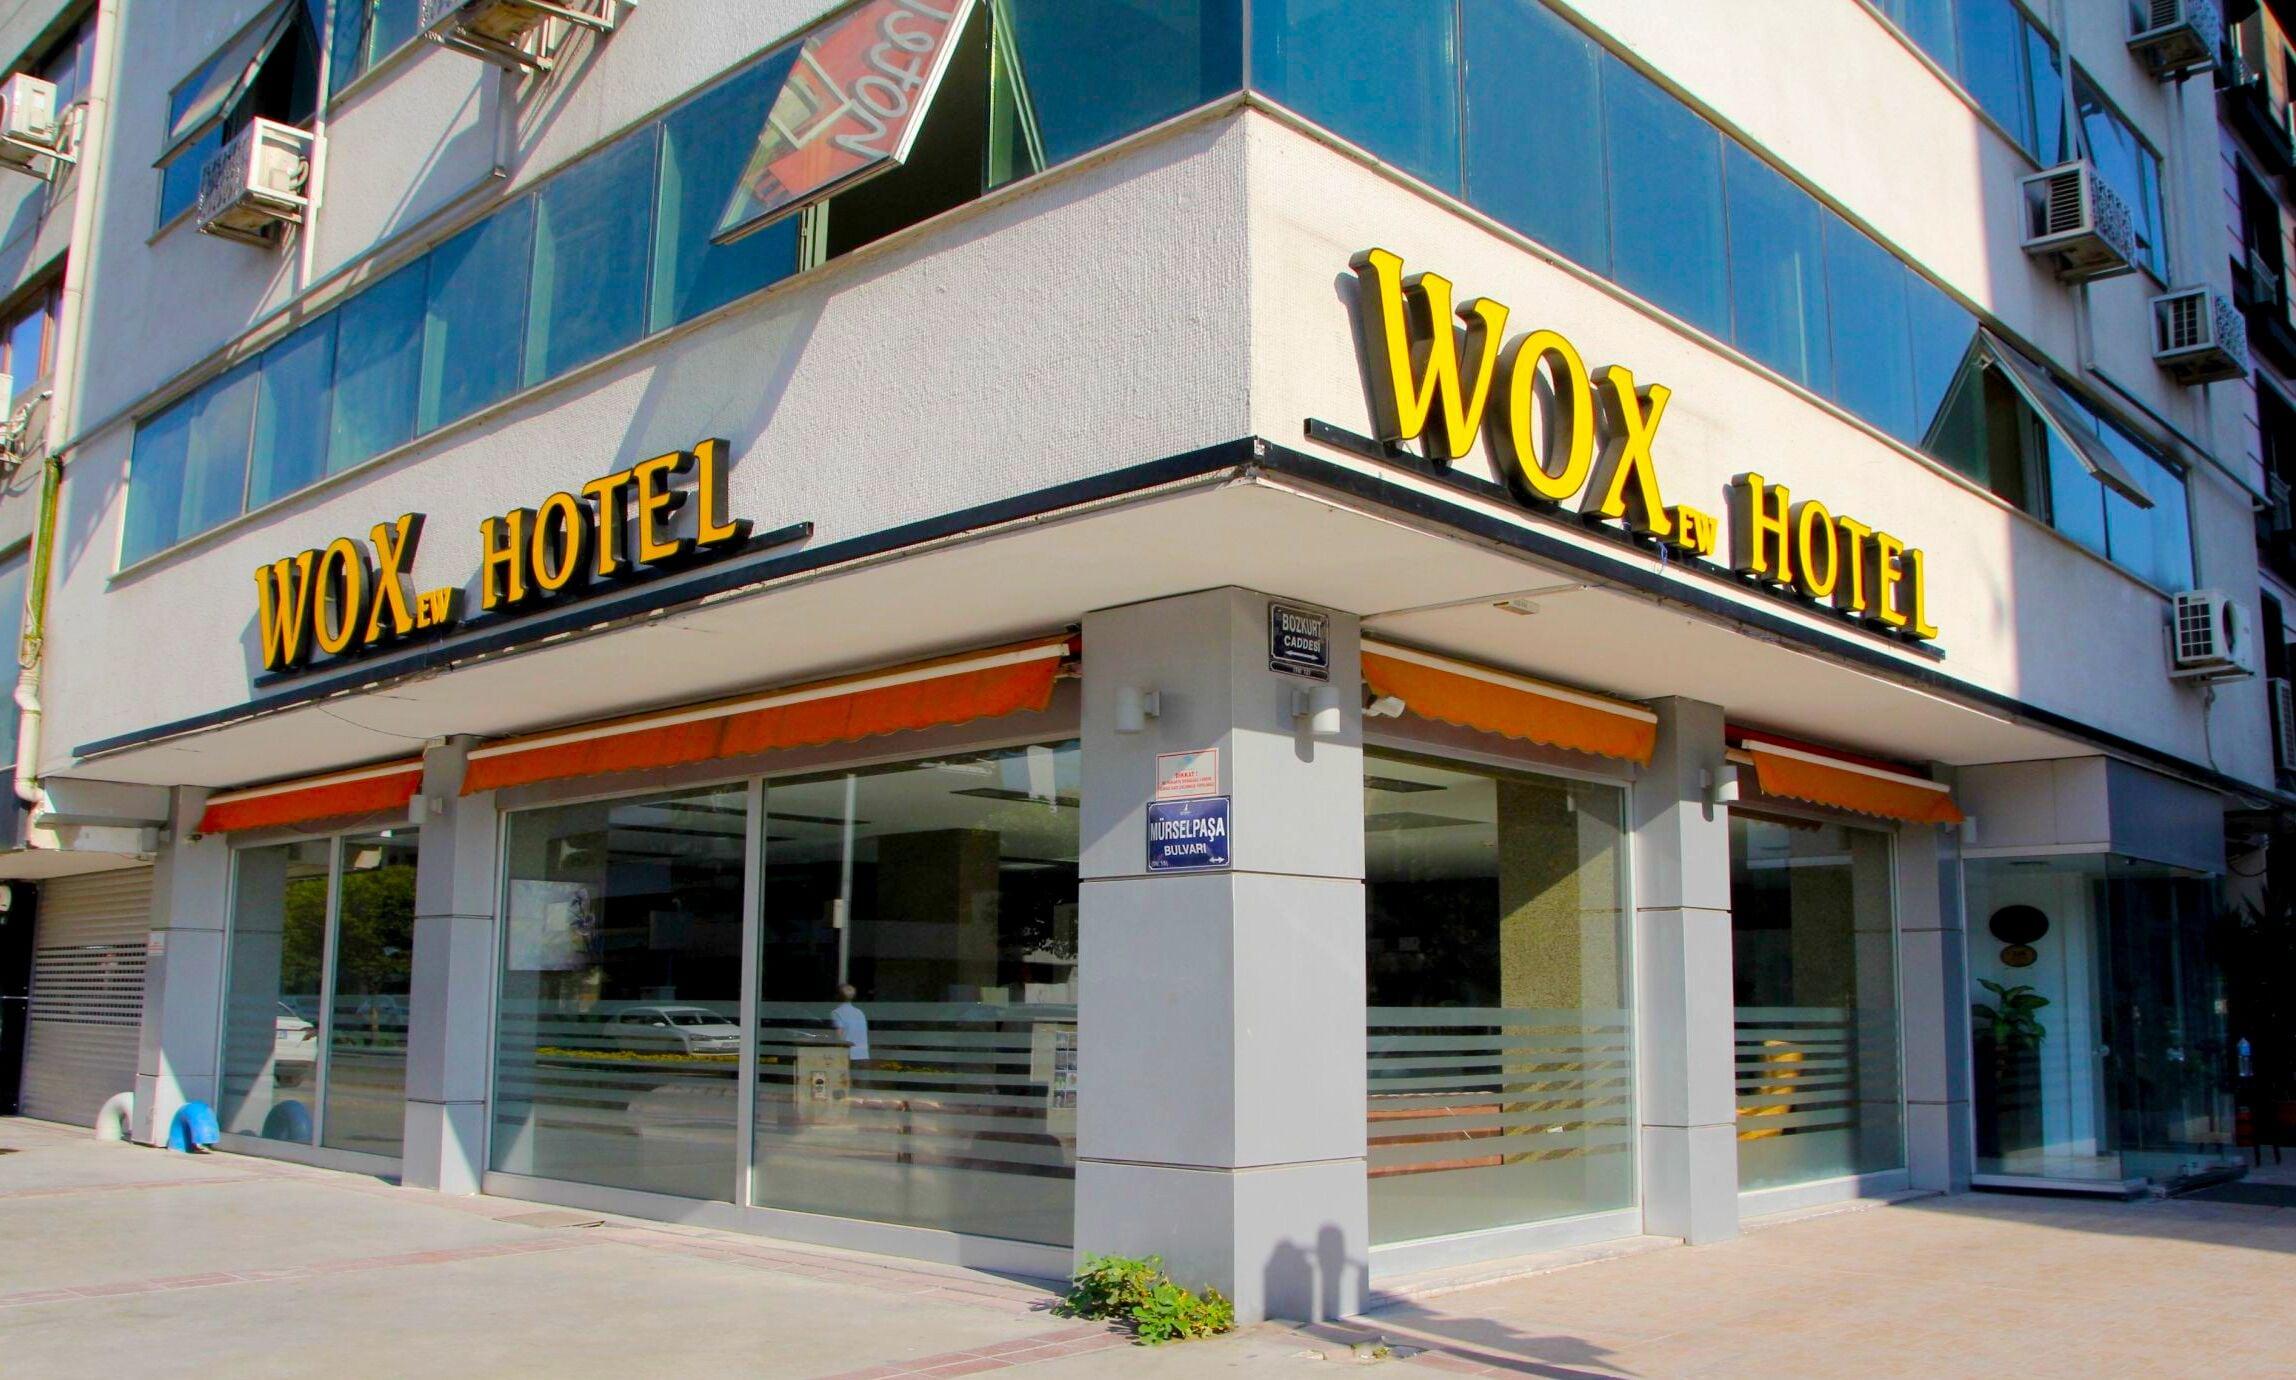 Wox Ew Hotel